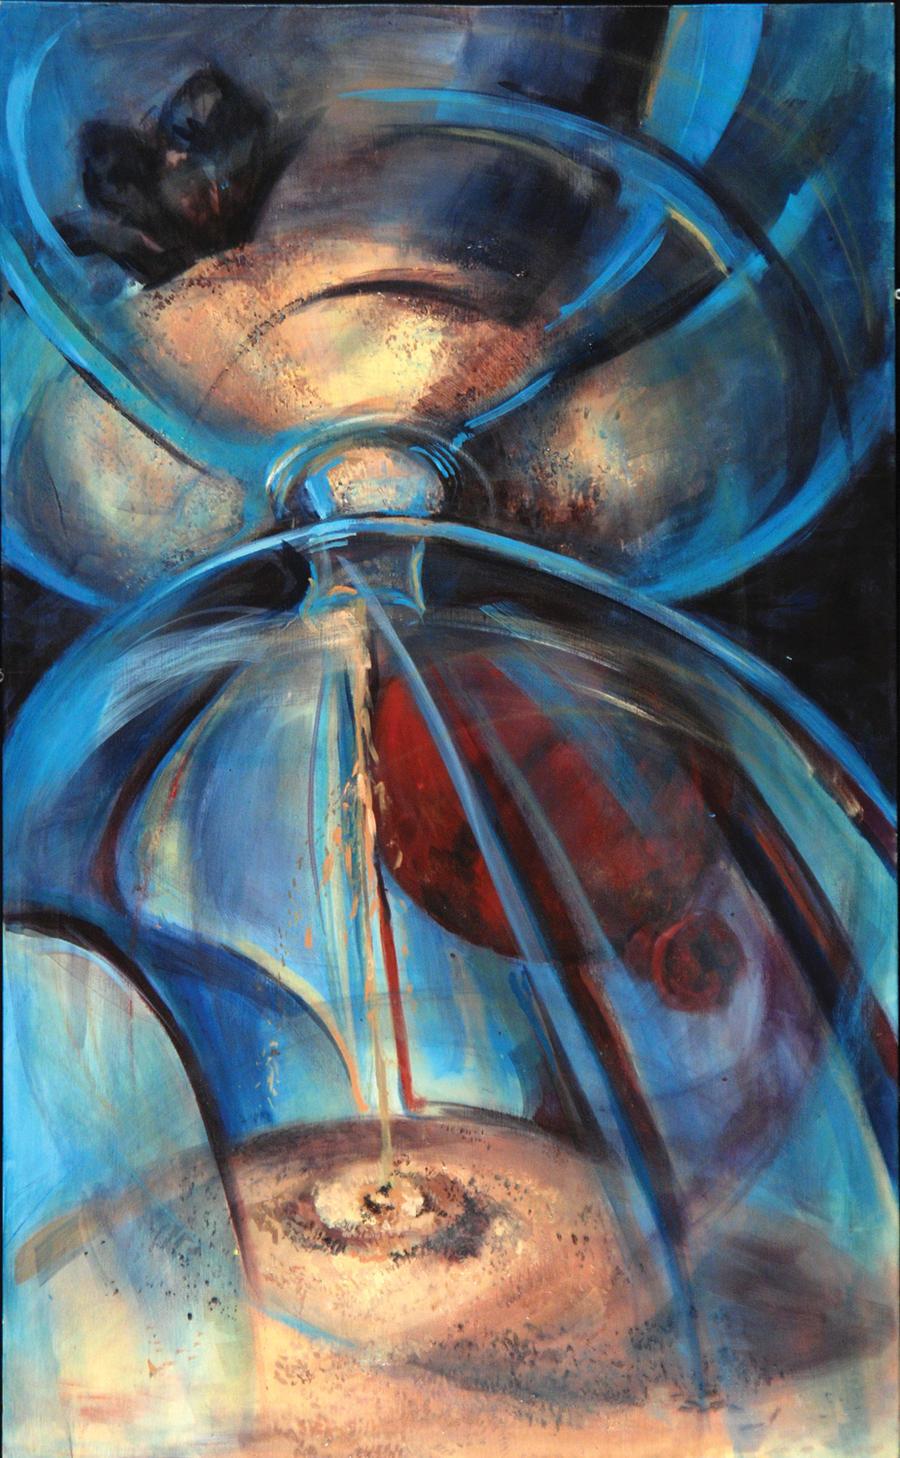 Hourglass Paradox By Forestfaeriequean On Deviantart